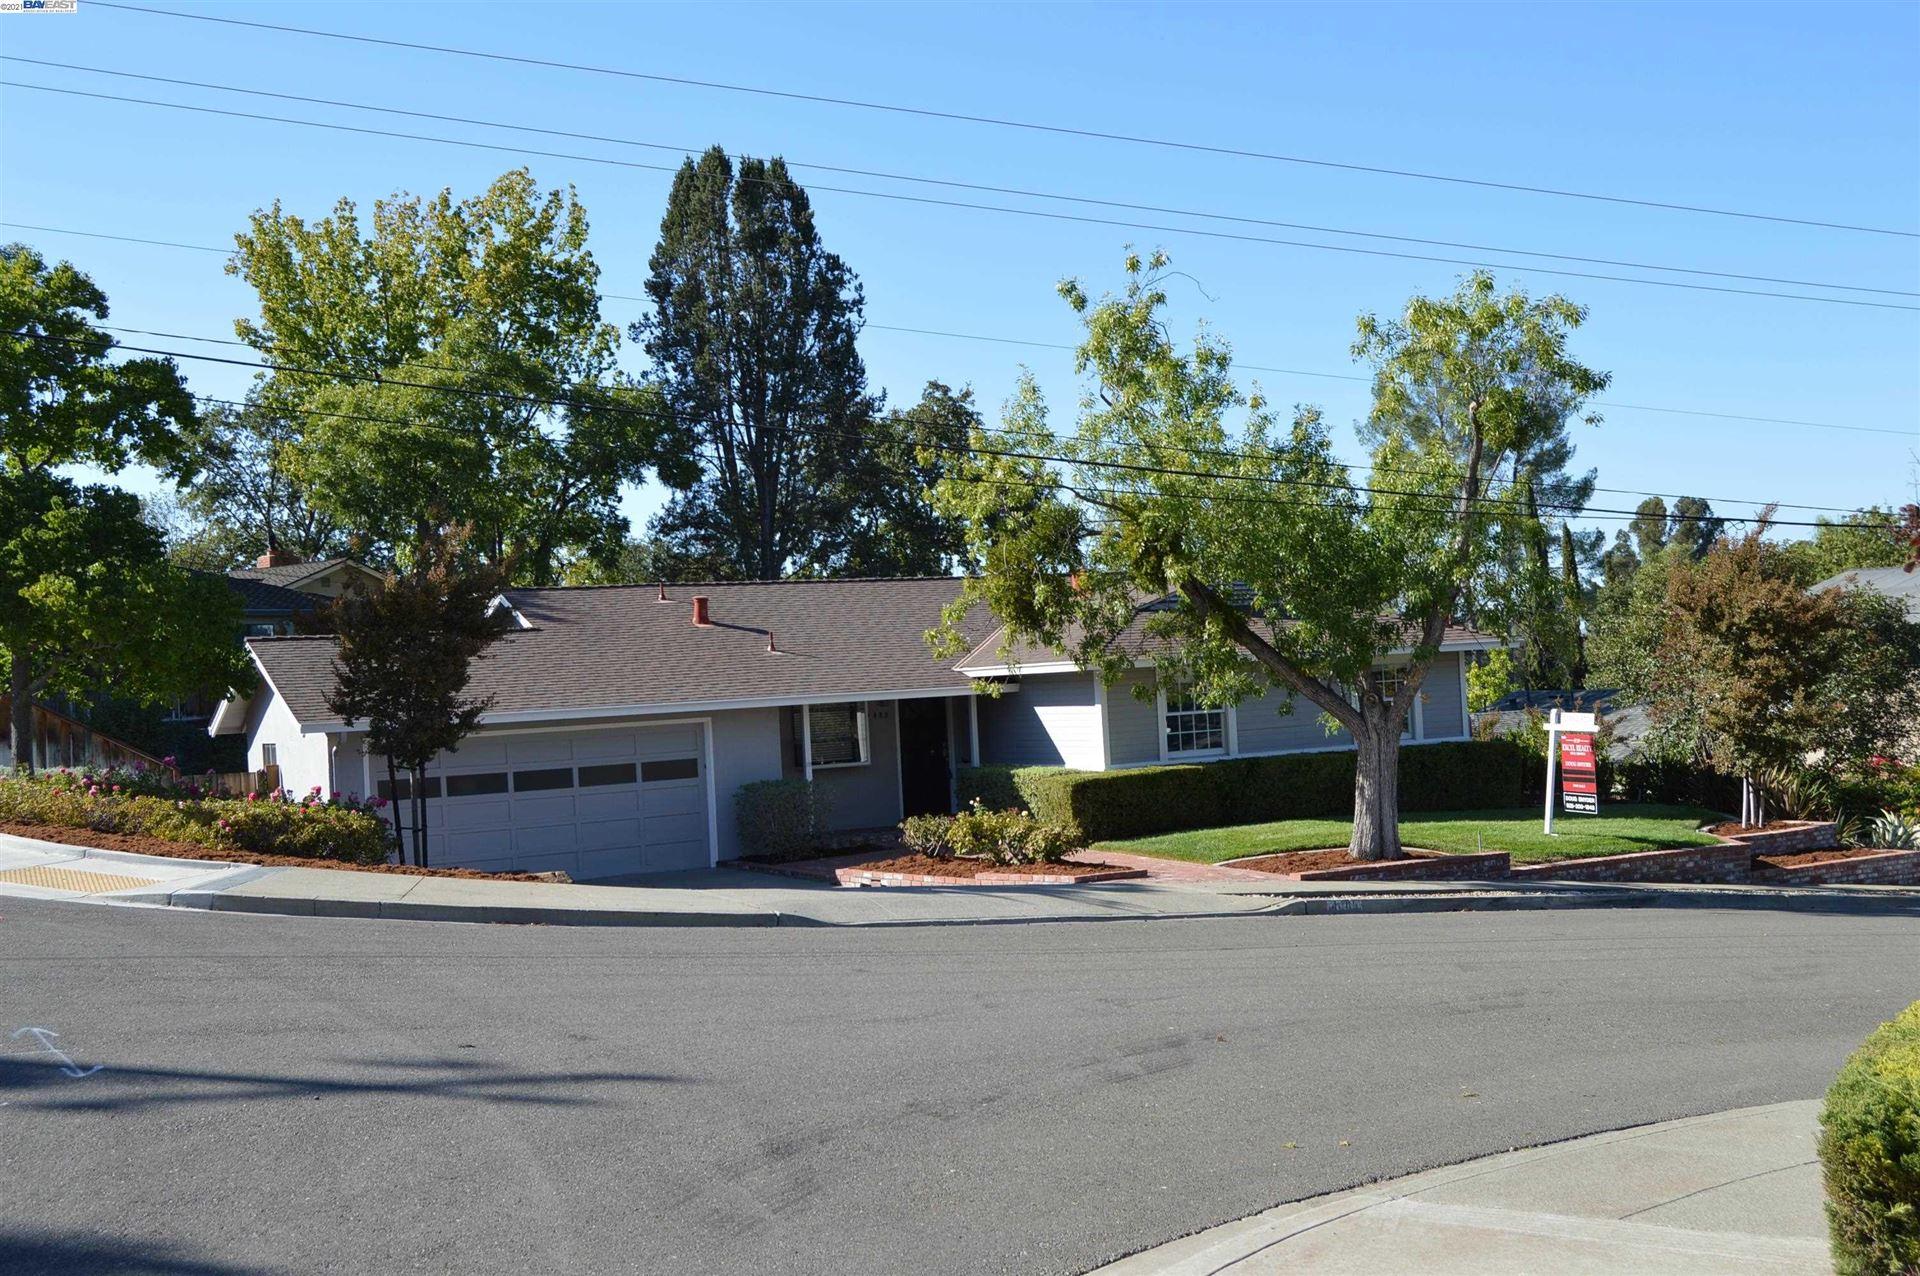 4485 Linda Way, Pleasanton, CA 94566 - #: 40968210